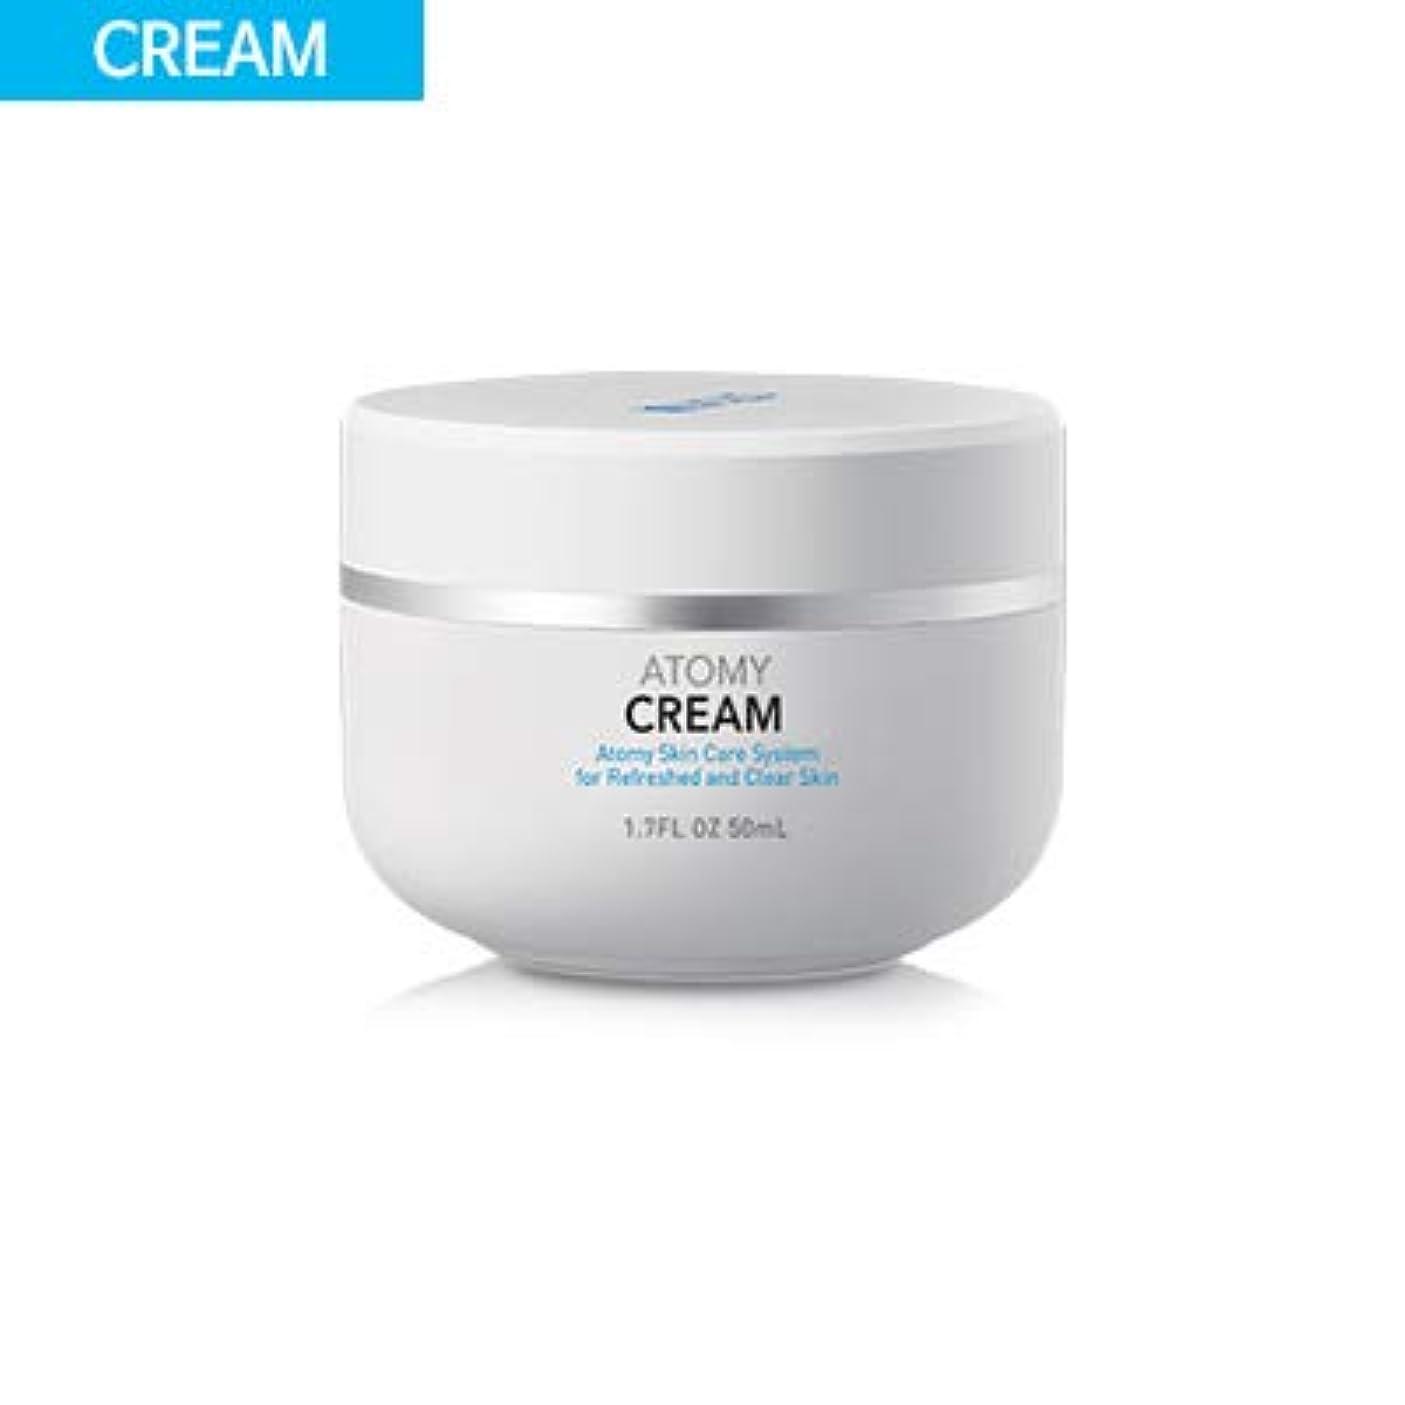 値大人削る[ATOM美] Cream (栄養クリーム) 50ml